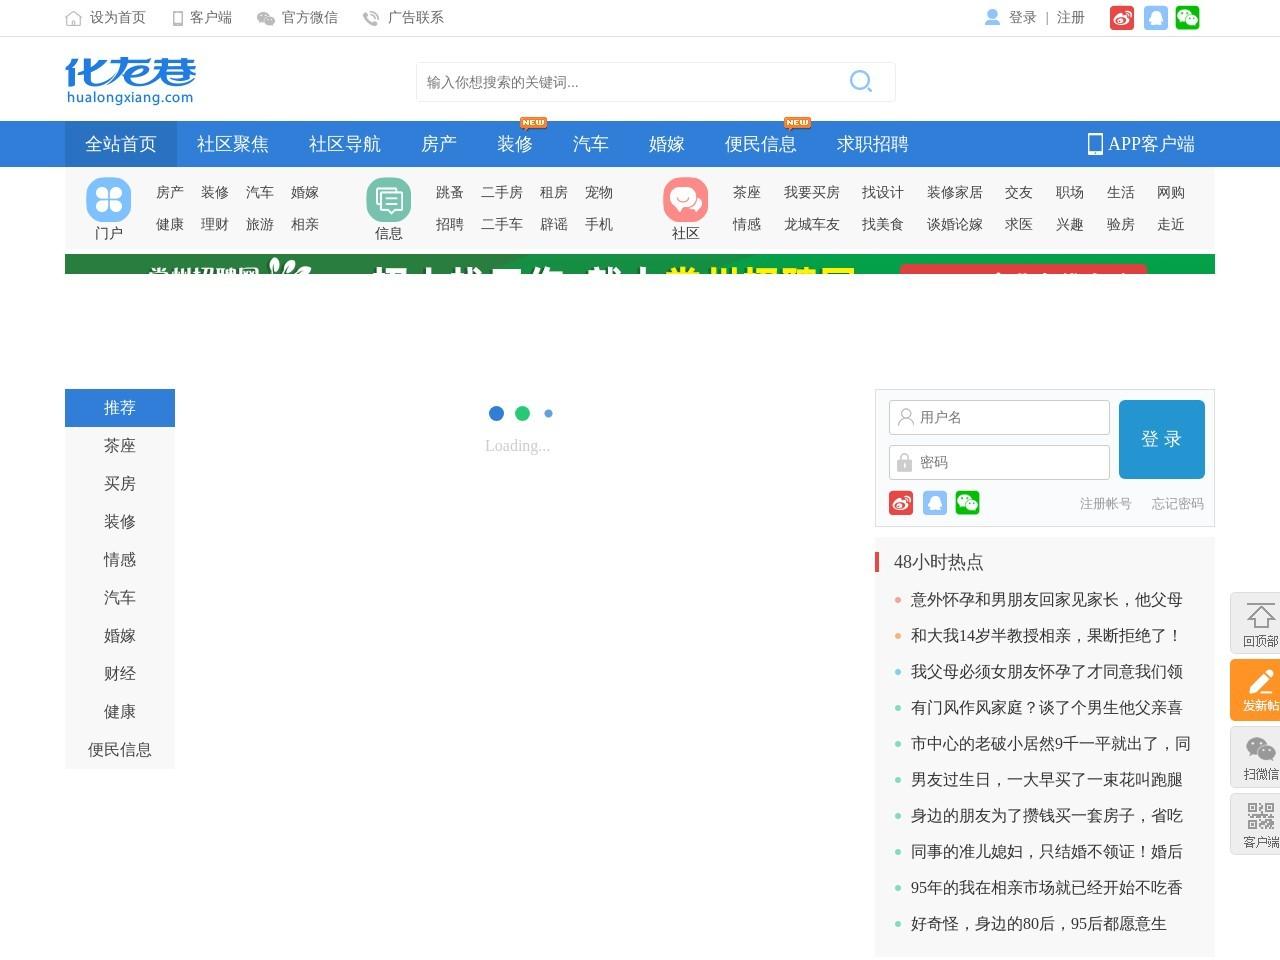 化龙巷|常州化龙巷|化龙巷网站|化龙巷论坛|常州人气社区|全球中文社区百强